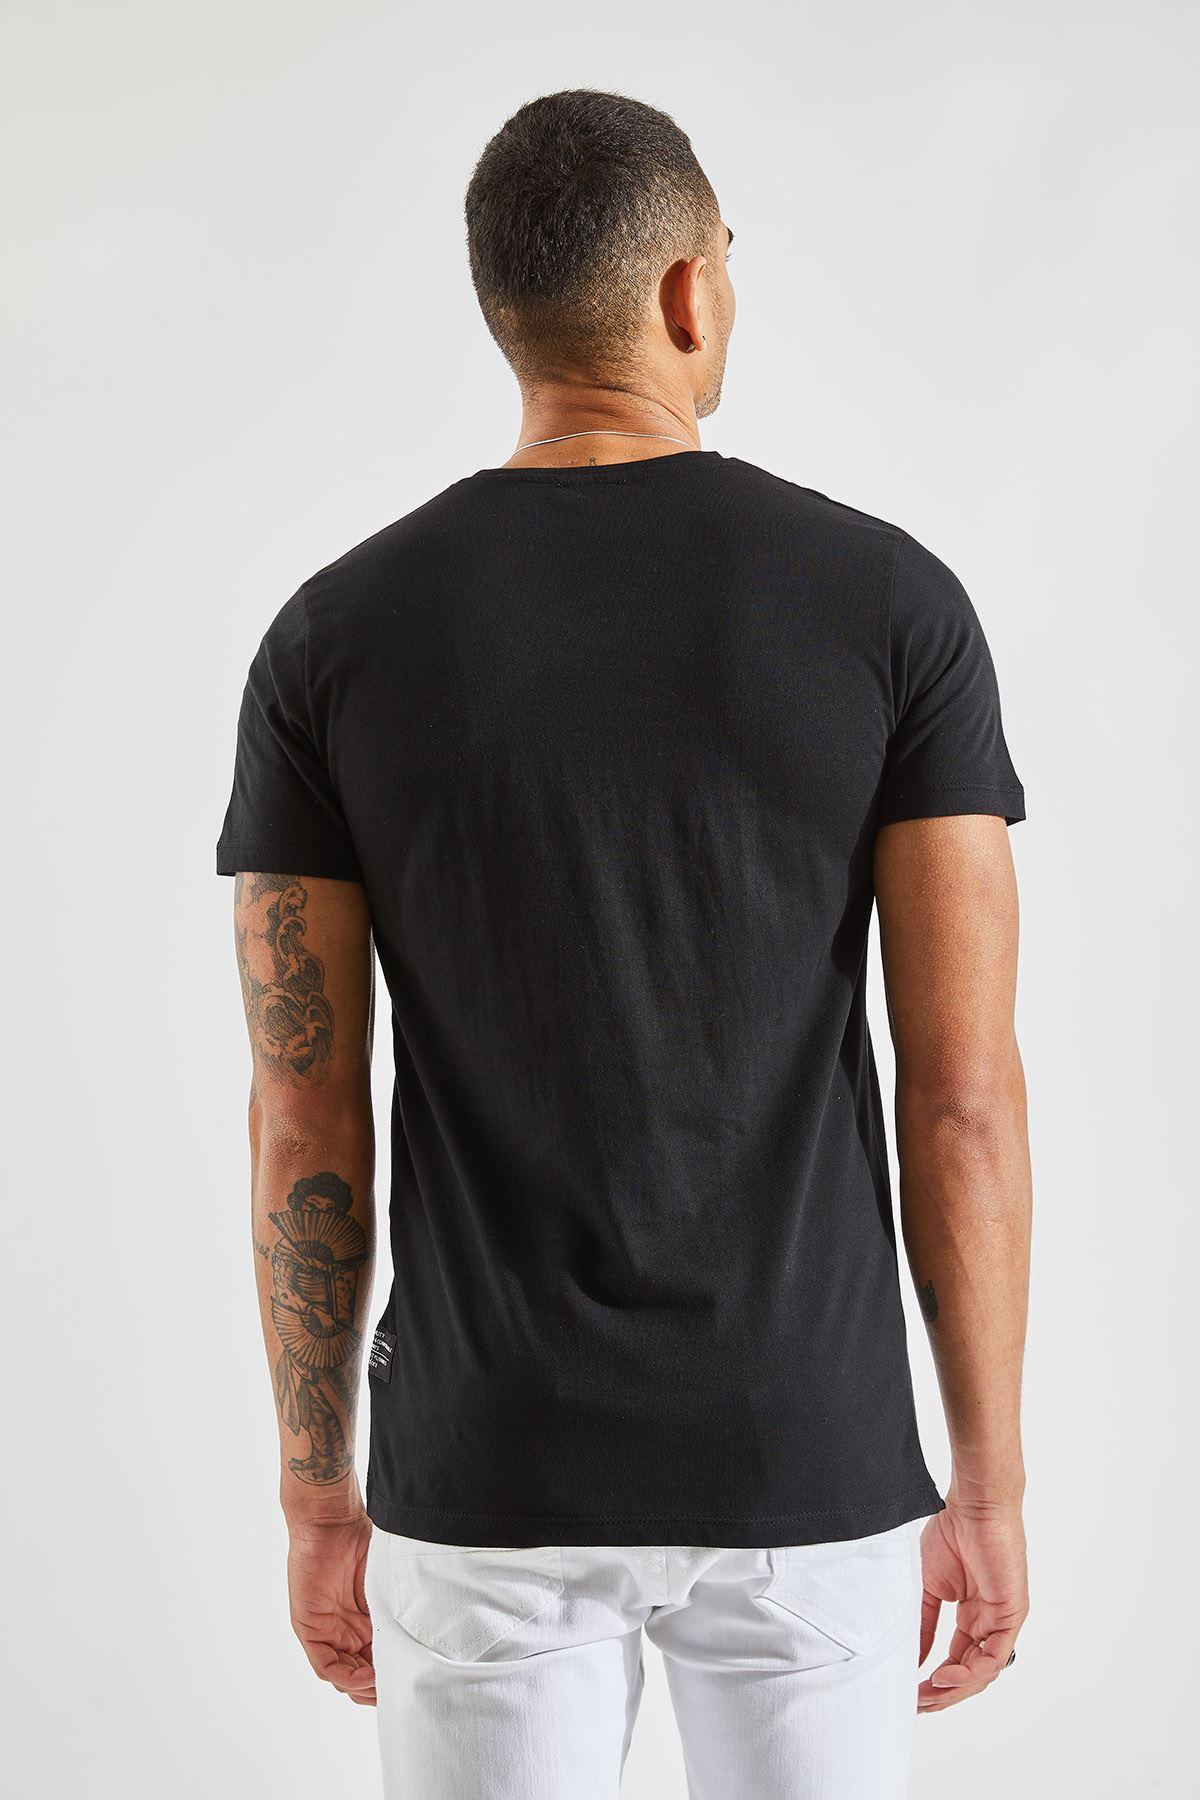 Erkek Verev Kesim Cepli Siyah Tişört